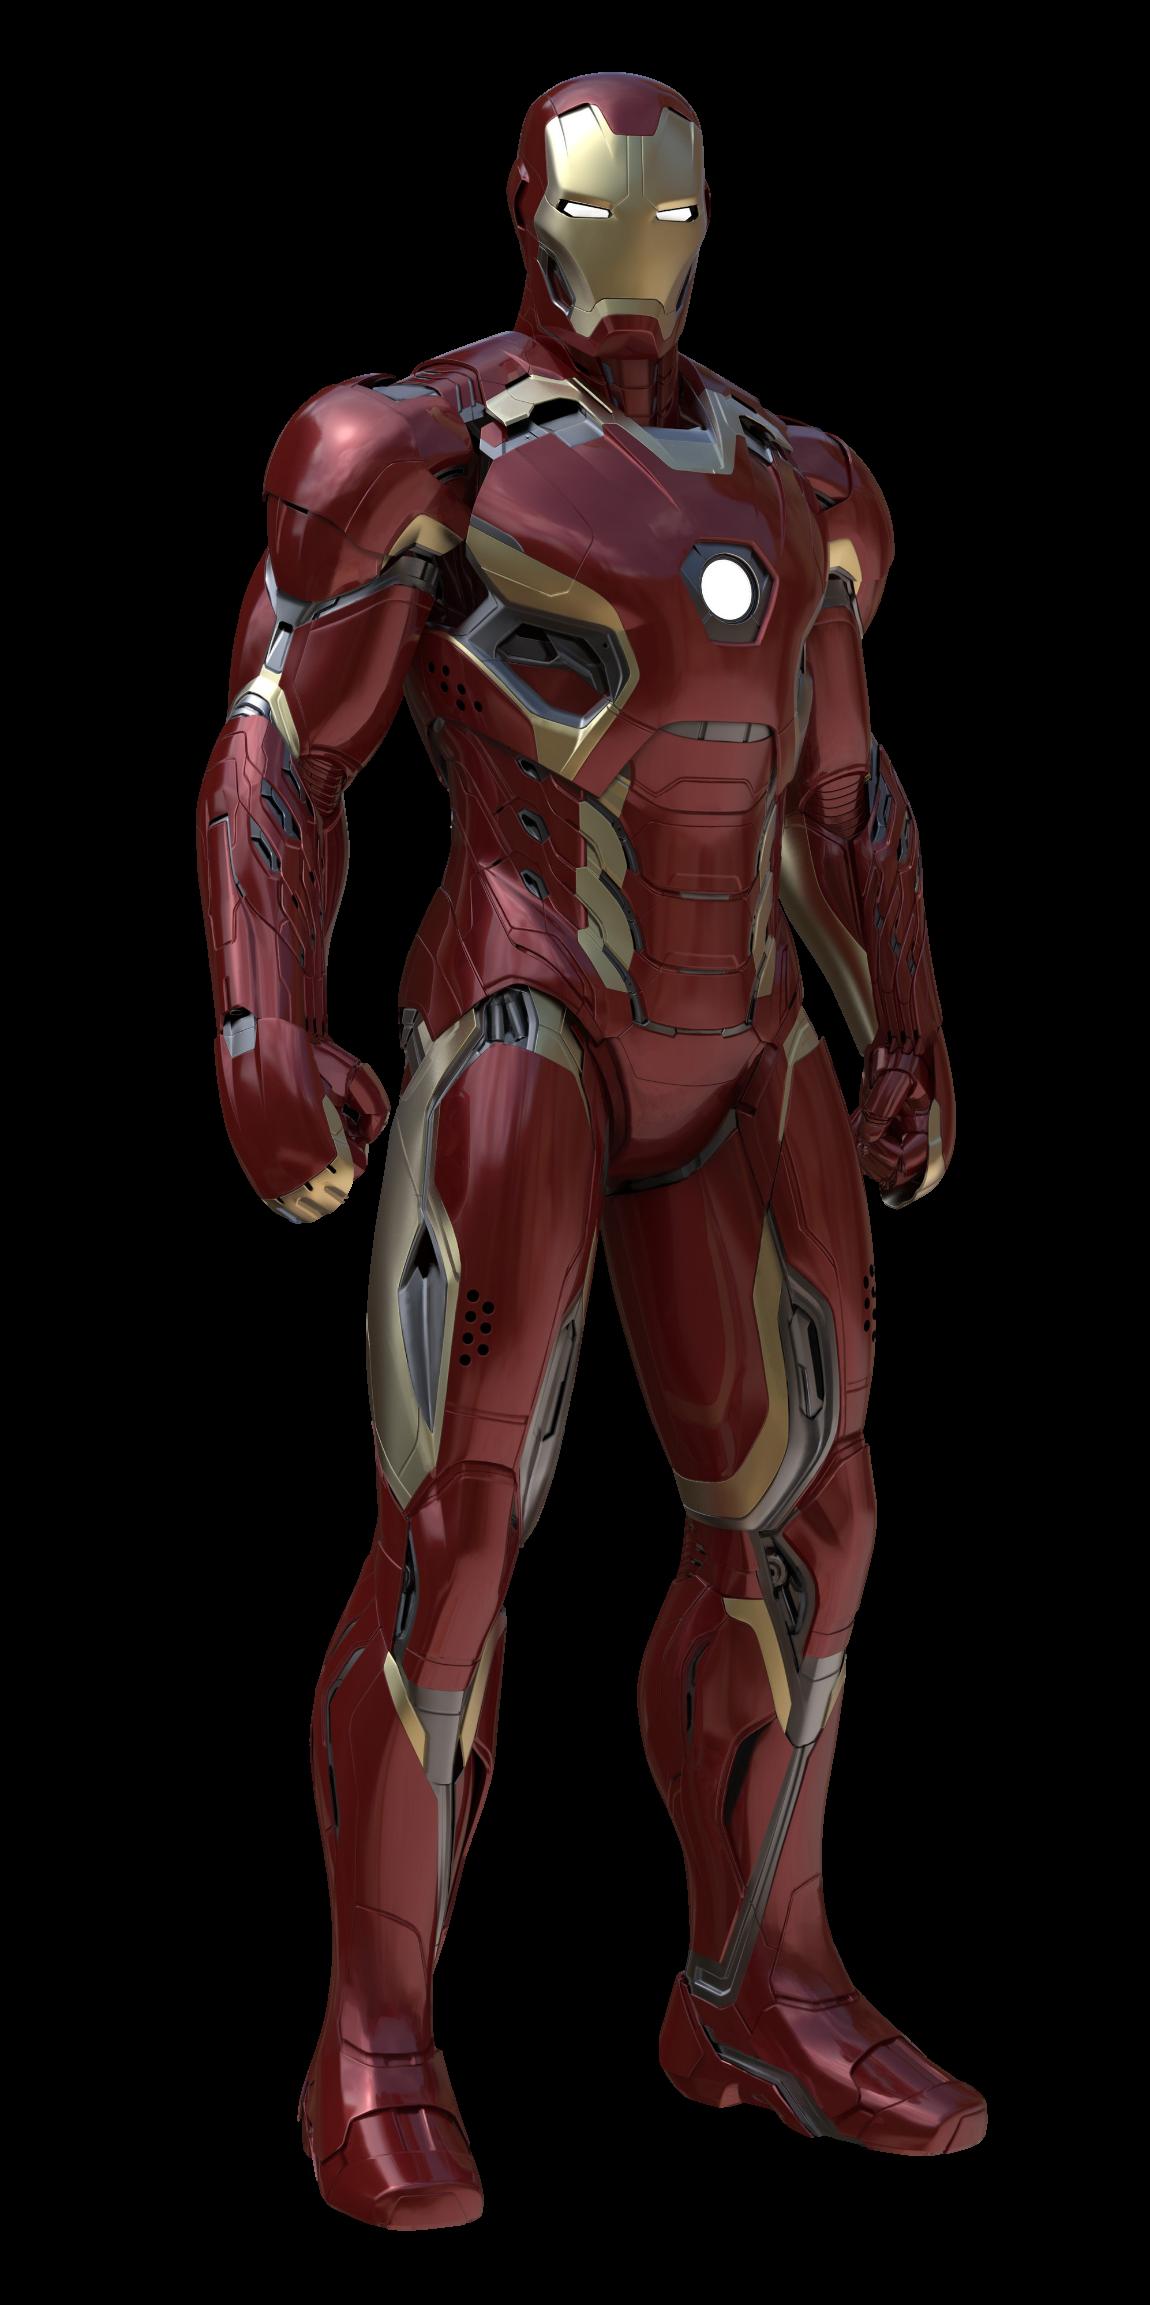 Mark 45 | Iron Man Wiki | FANDOM powered by Wikia